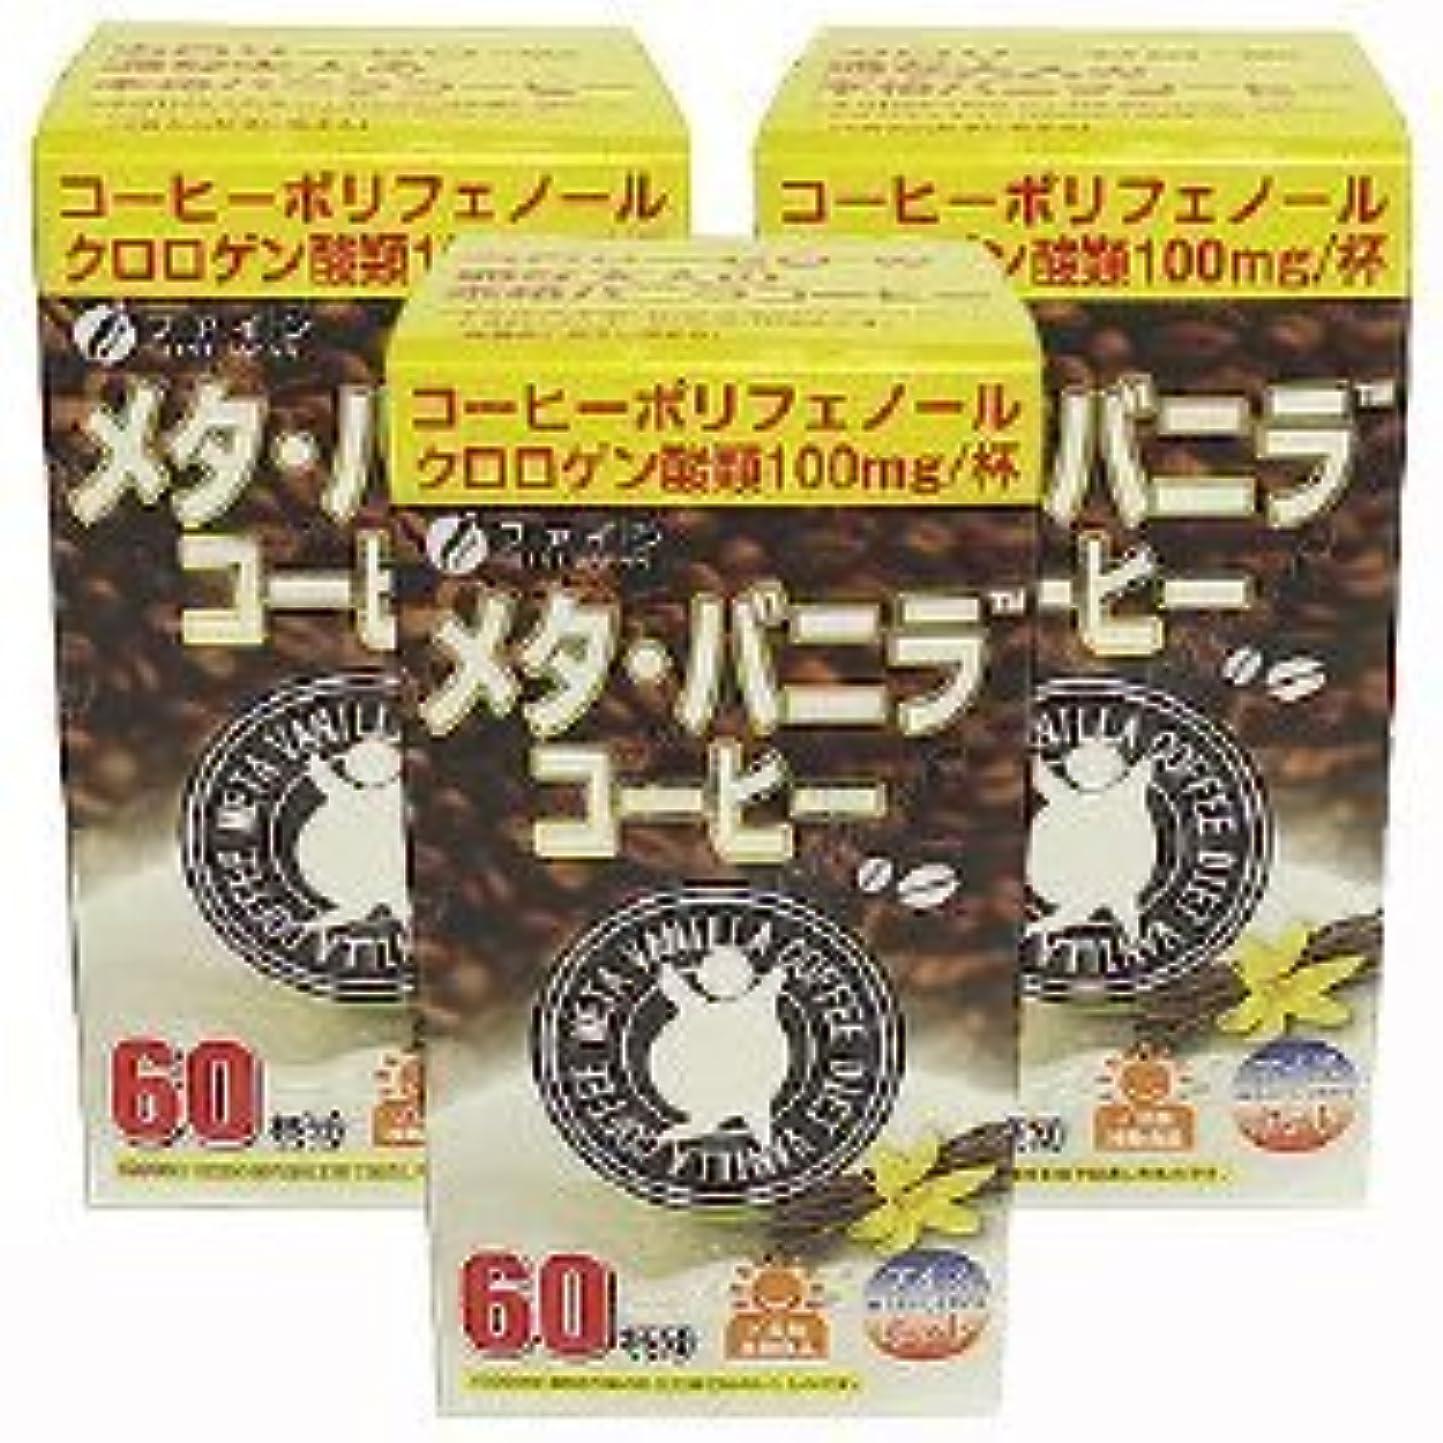 合意記述するコーヒーメタバニラコーヒー【3箱セット】ファイン